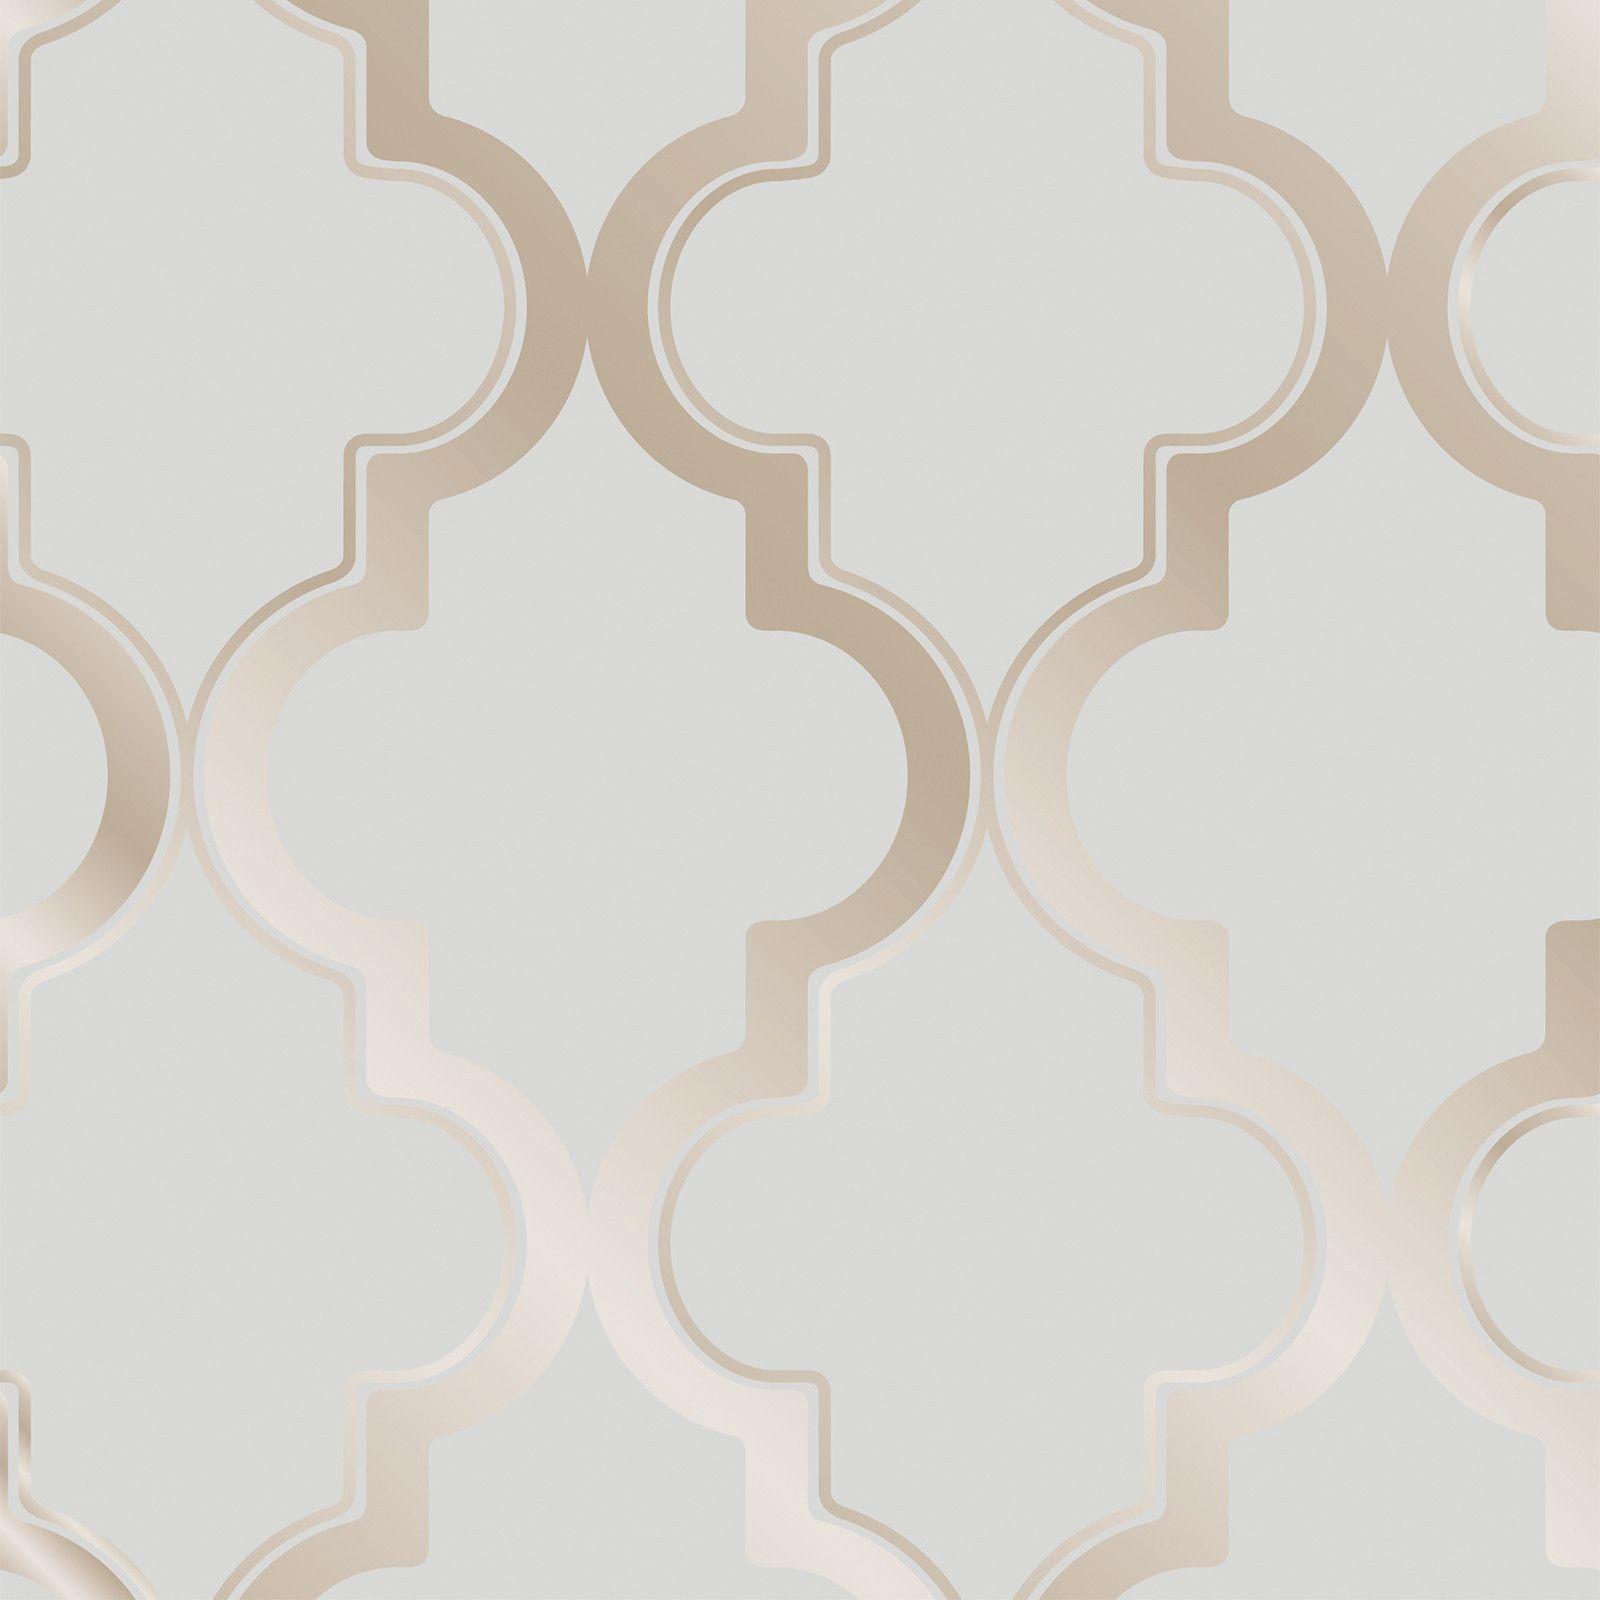 Sample Marrakesh Self Adhesive Wallpaper In Bronze Grey Design By Temp Geometric Wallpaper Temporary Wallpaper Vinyl Wallpaper